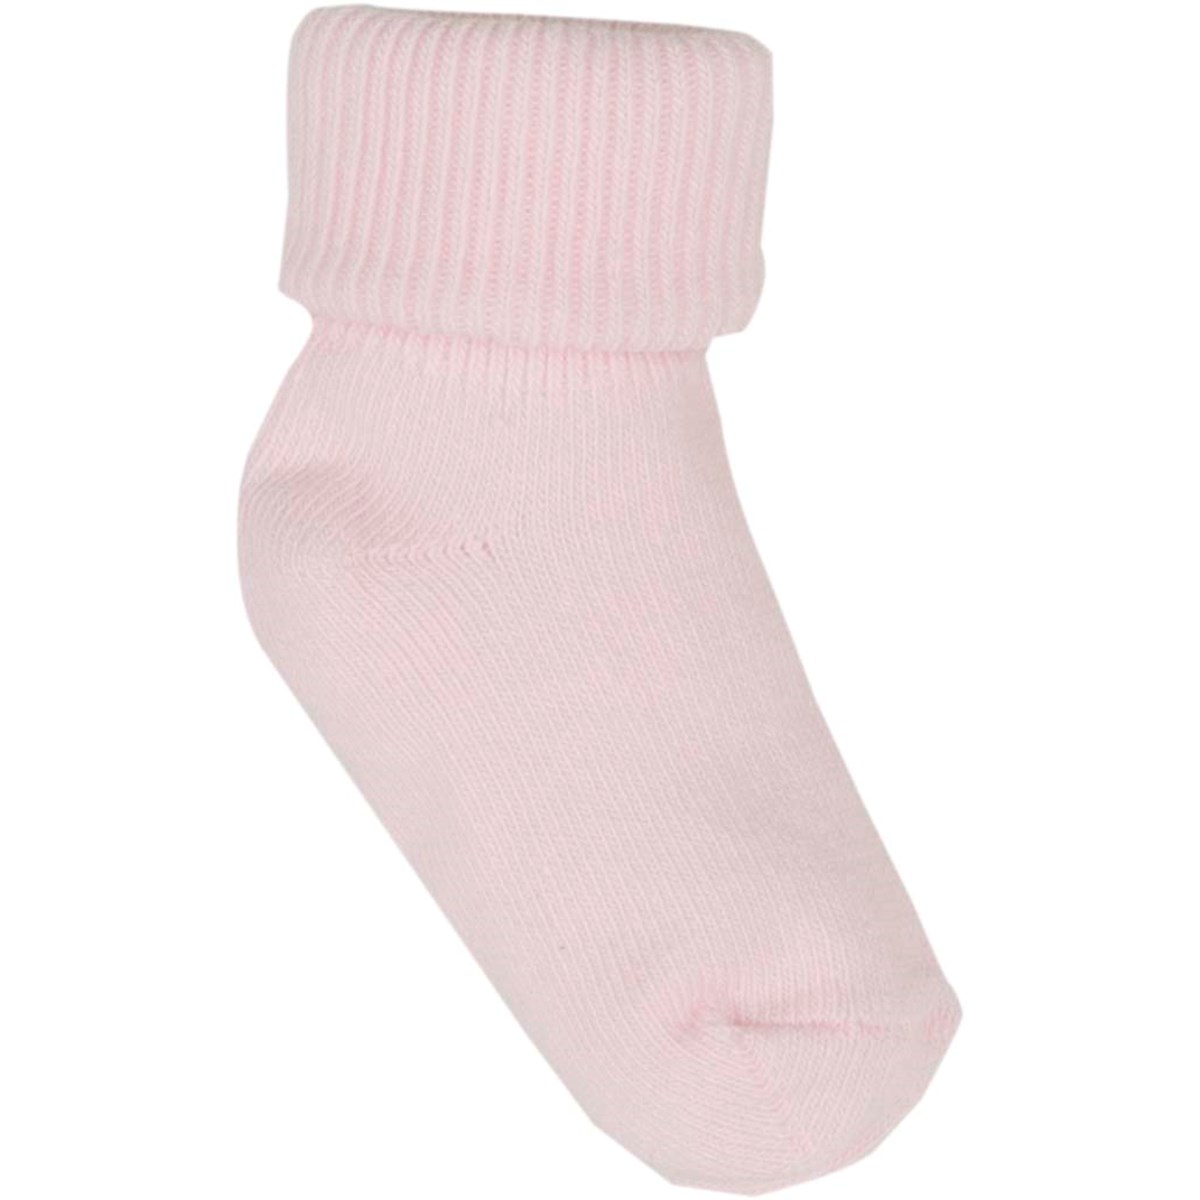 13491 3'lü Çorap 4